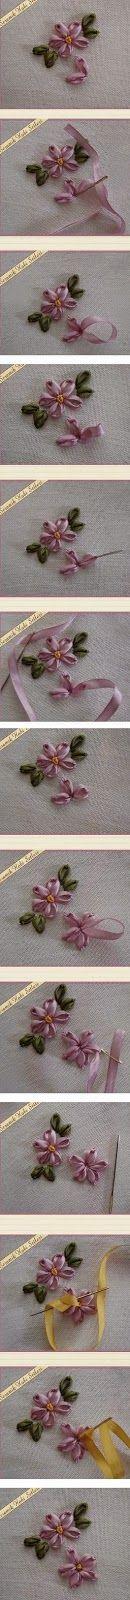 Minha Casinha Rosa: Bordado feito com fita de cetim - Flores.